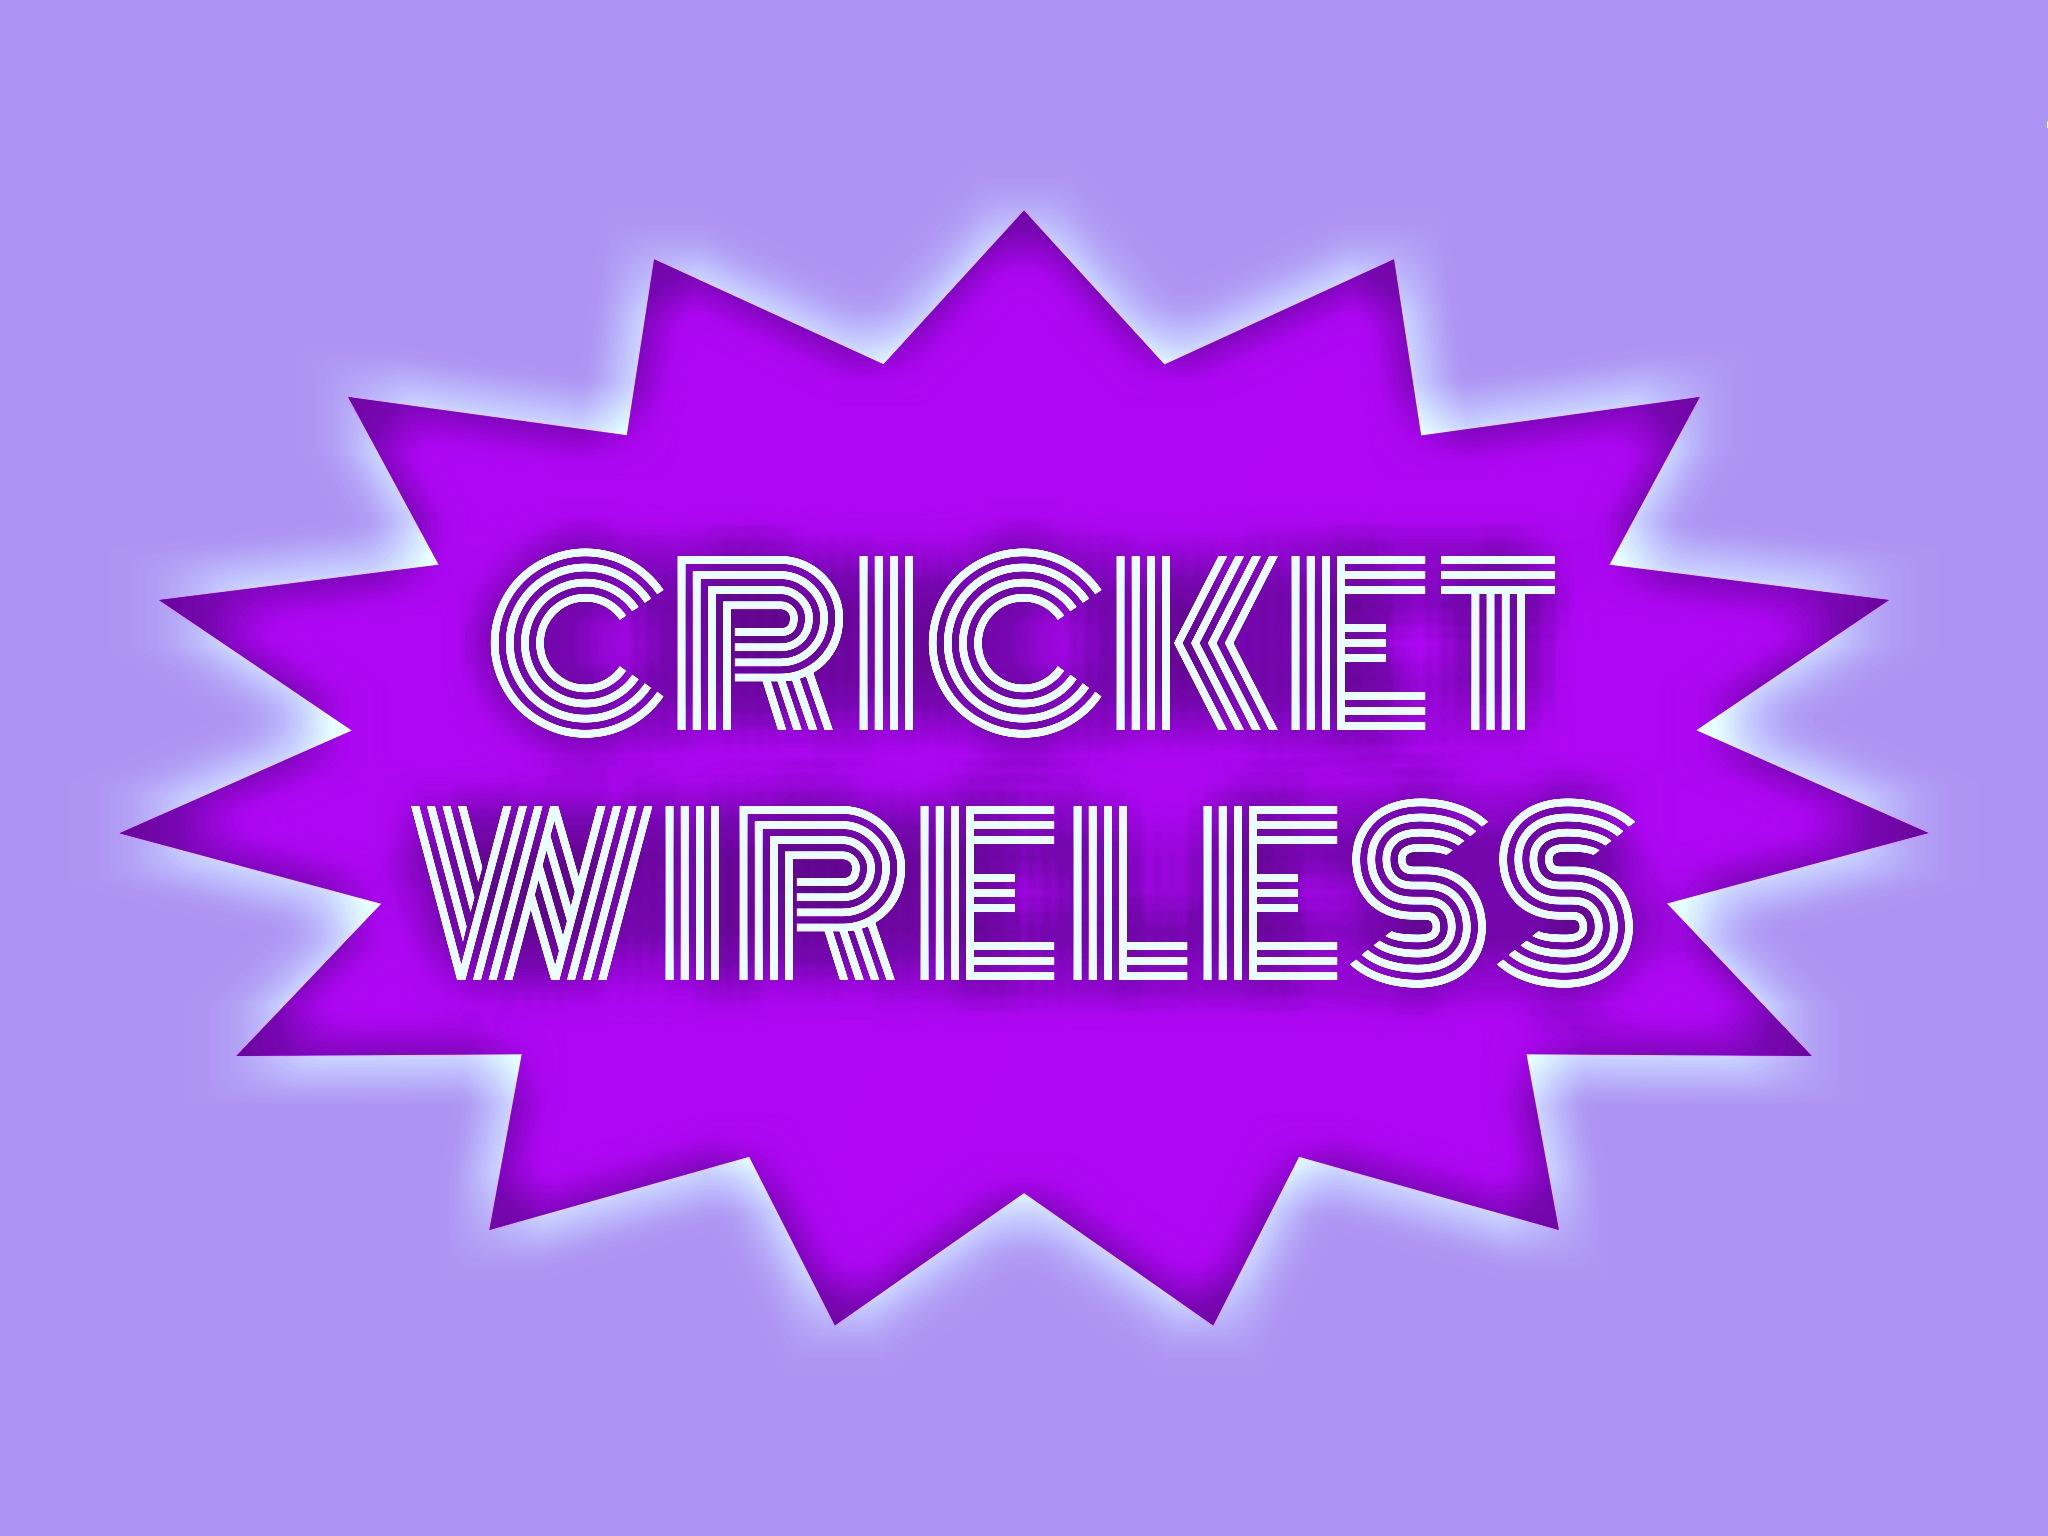 Cricket wireless illustration